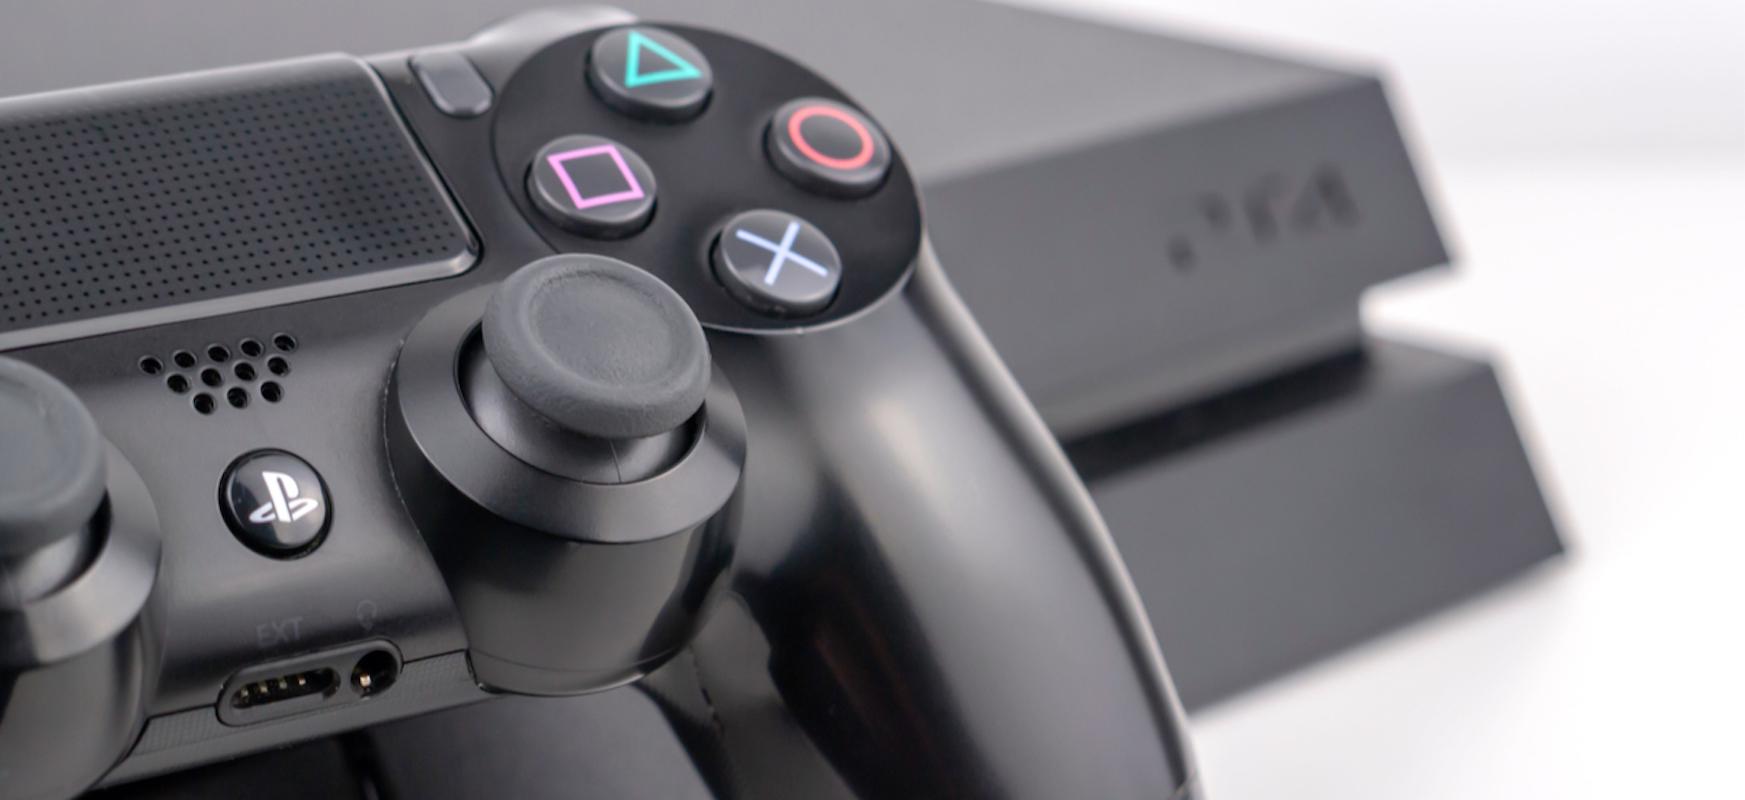 Sonyk dagoeneko 110 milioi PS4 kontsola saldu ditu.  Hori da Xbox One eta One baino emaitza hobea Switch Elkarrekin jarri